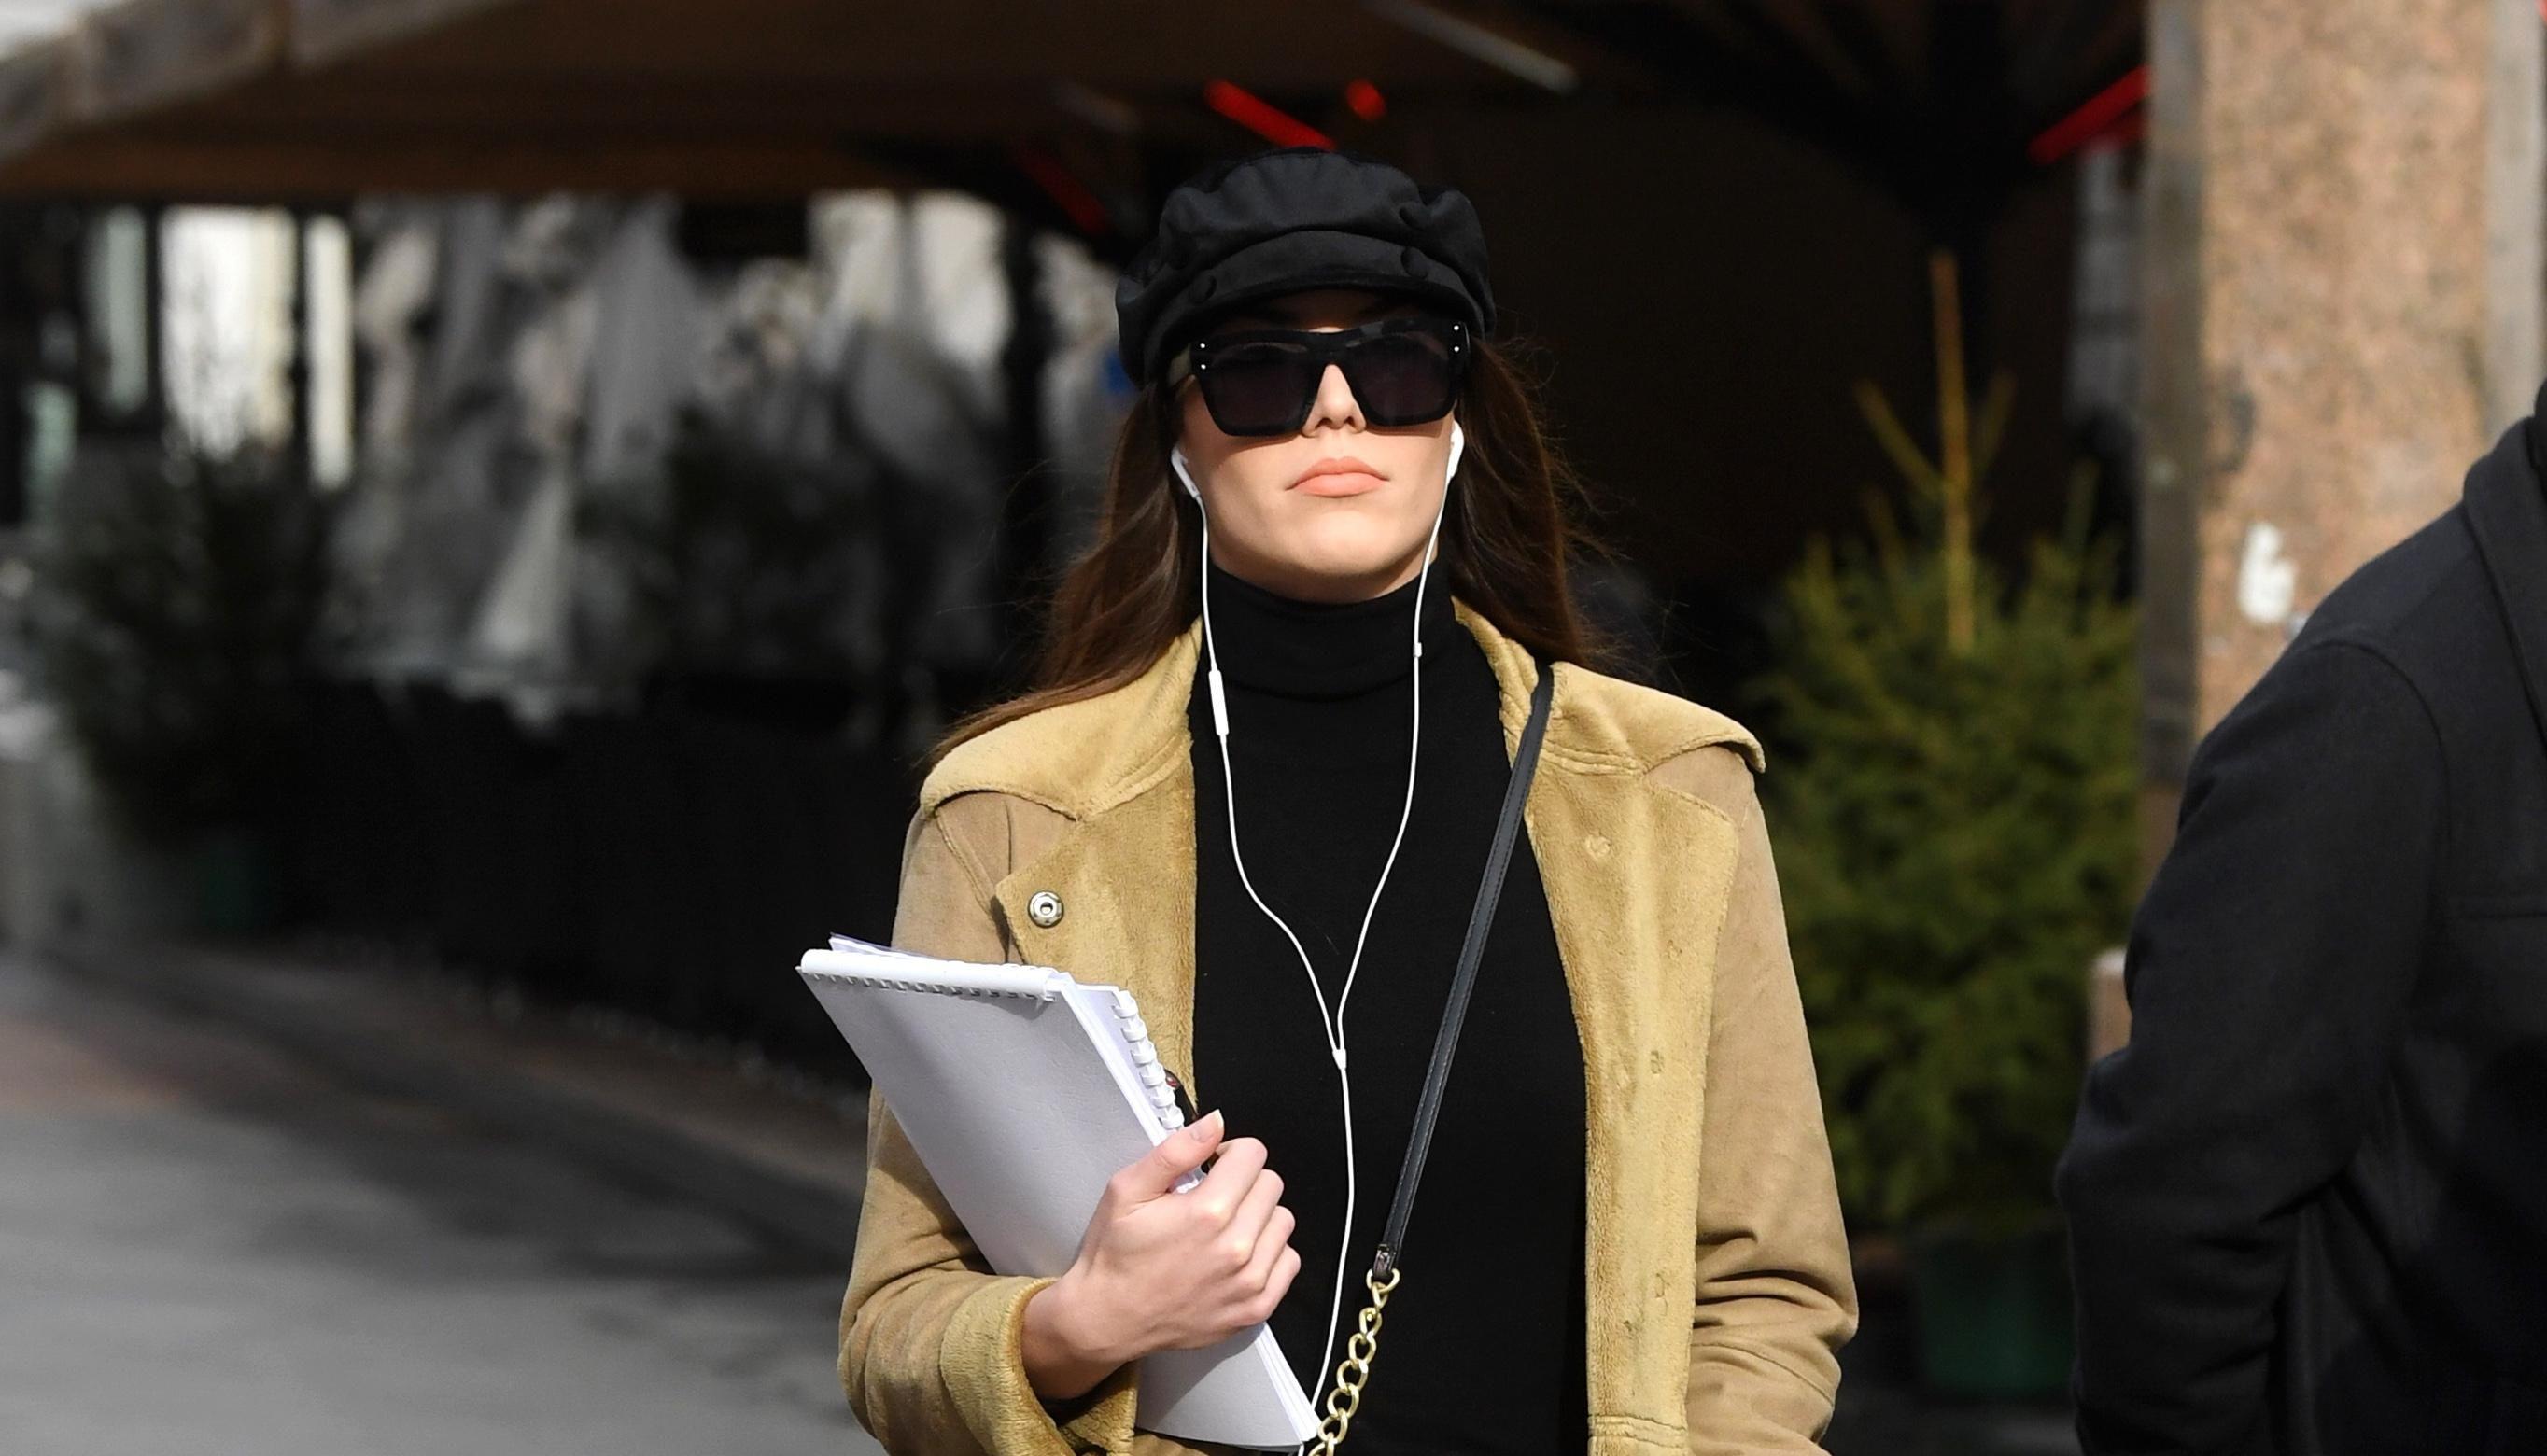 Tamne naočale i beretka: Ova djevojka izgleda poput prave zvijezde!